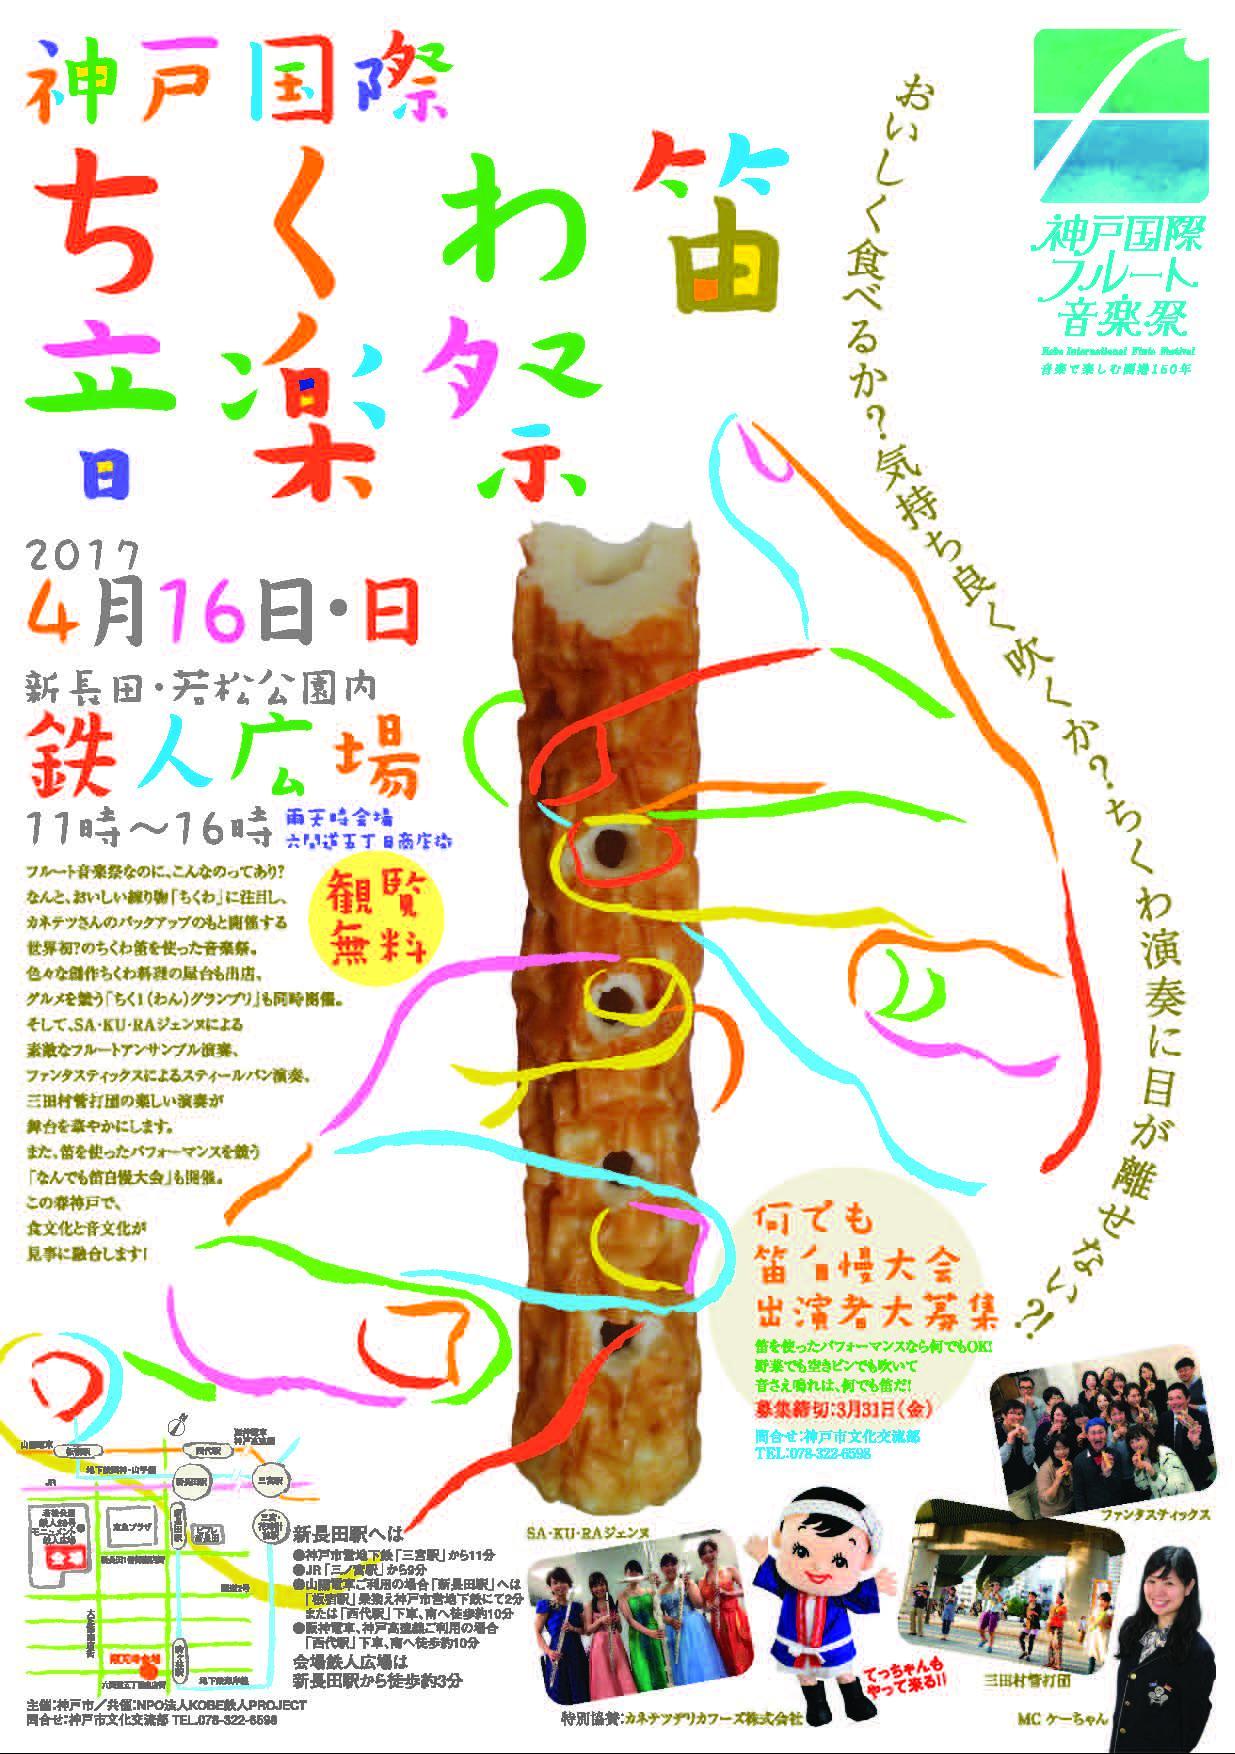 4/16(日)神戸|新長田鉄人広場|神戸国際ちくわ笛音楽祭_c0003757_14144386.jpg